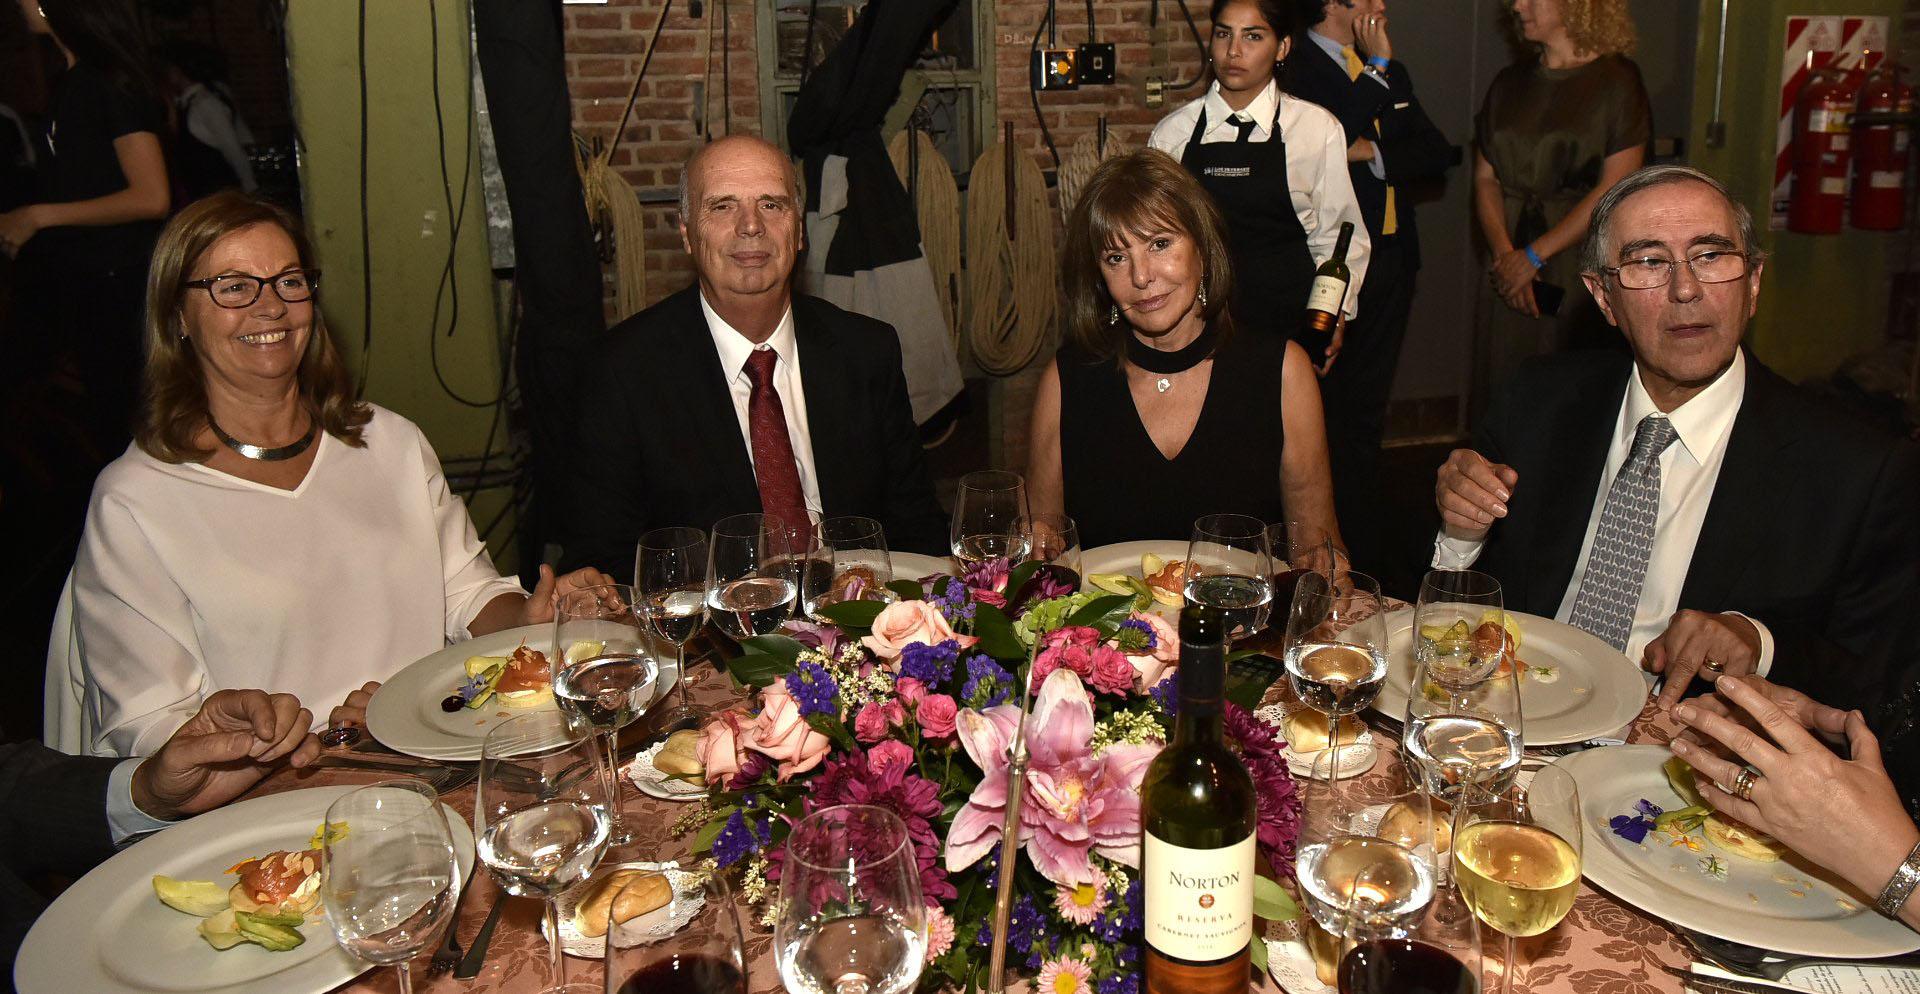 El vicepresidente de la Bolsa de Comercio de Buenos Aires, Héctor Orlando, y su mujer